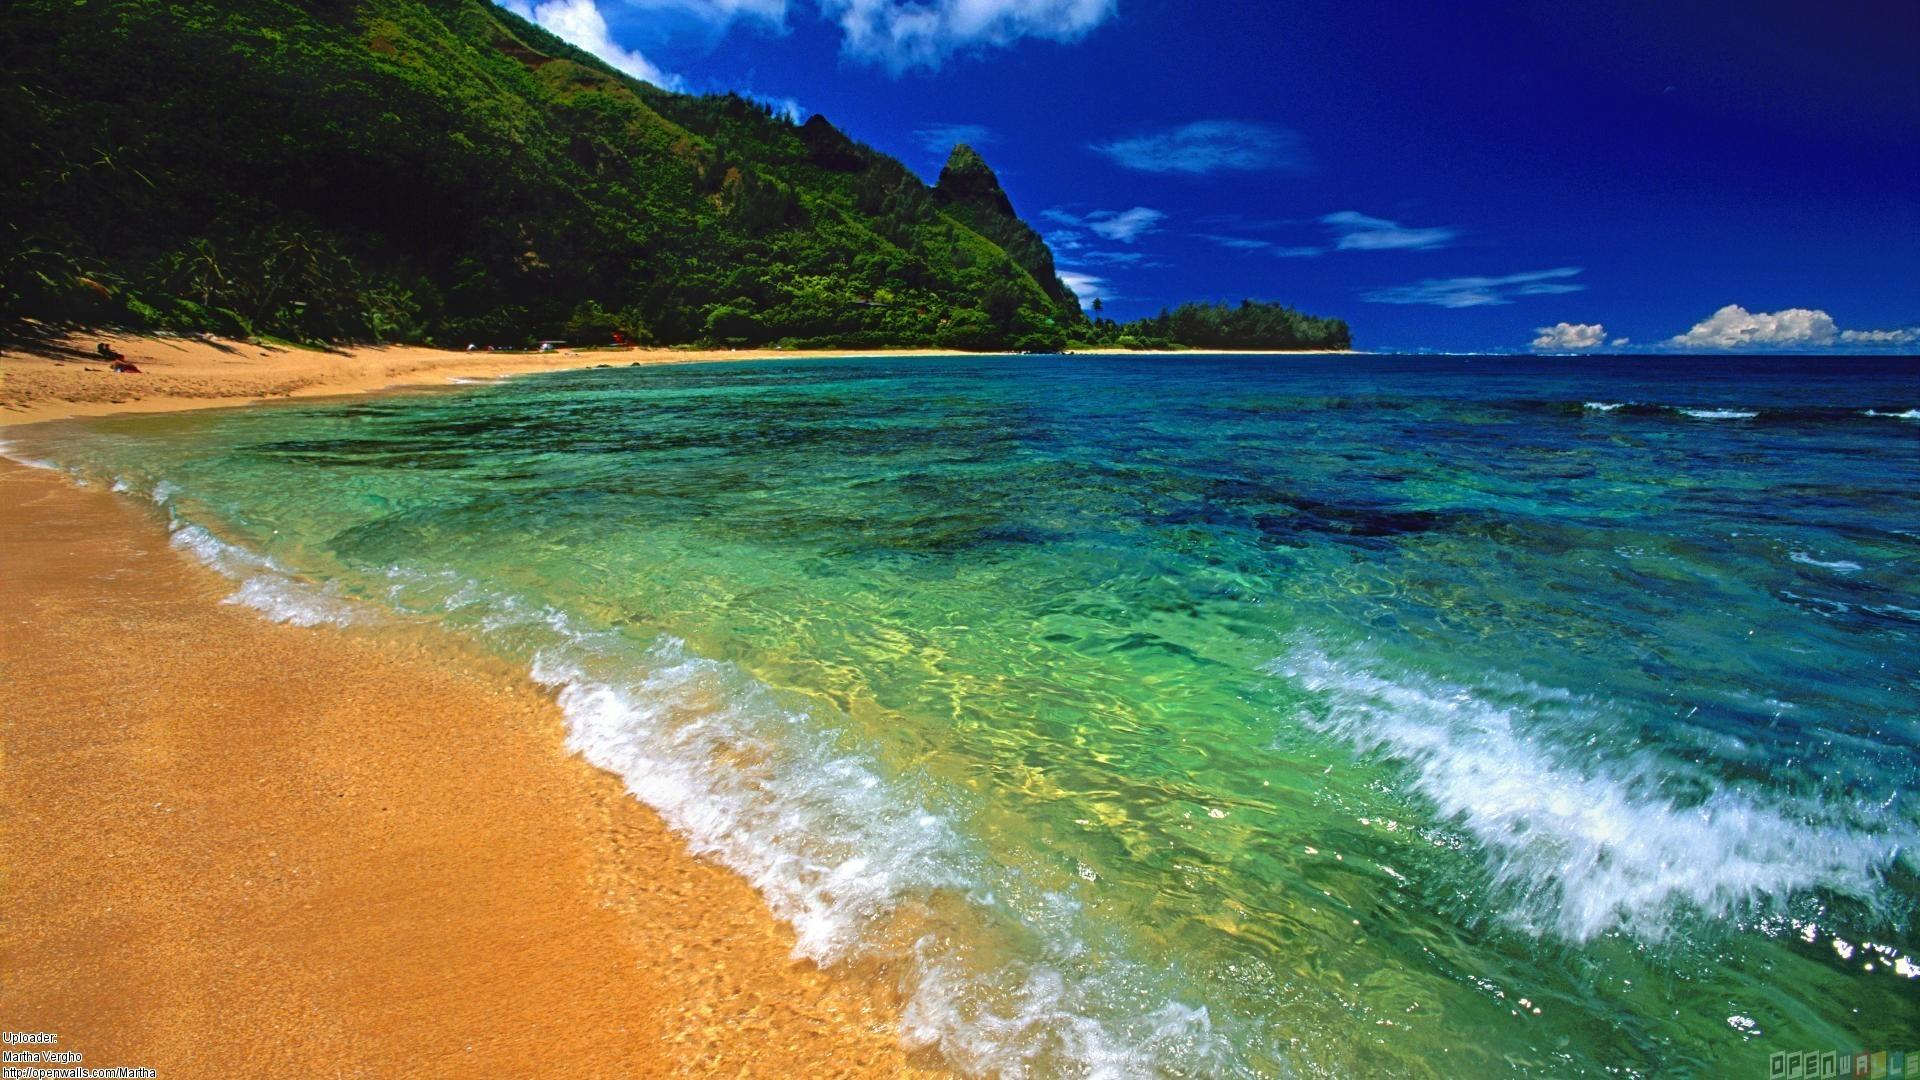 Hawaii Beach Island Hd Wallpaper Beraplancom 1920x1080px